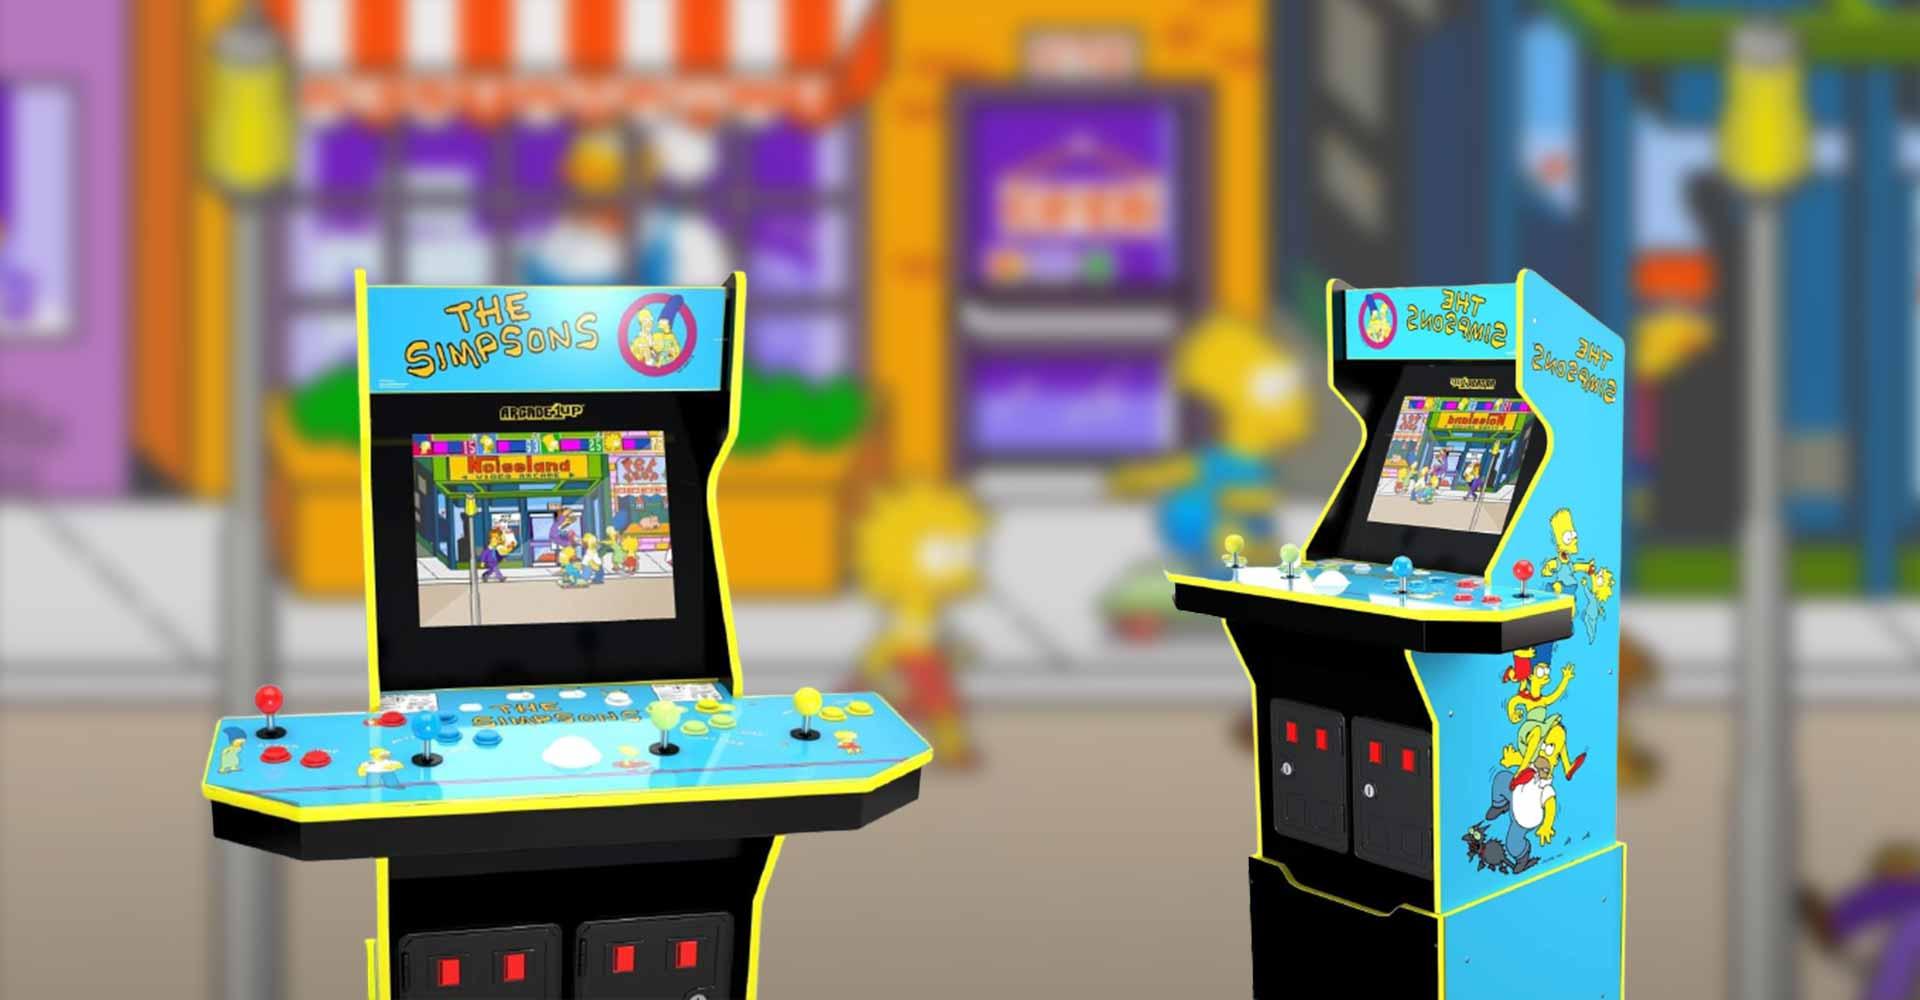 Arcade: Arcade-Spiel The Simpsons bekommt einen neuen Automaten